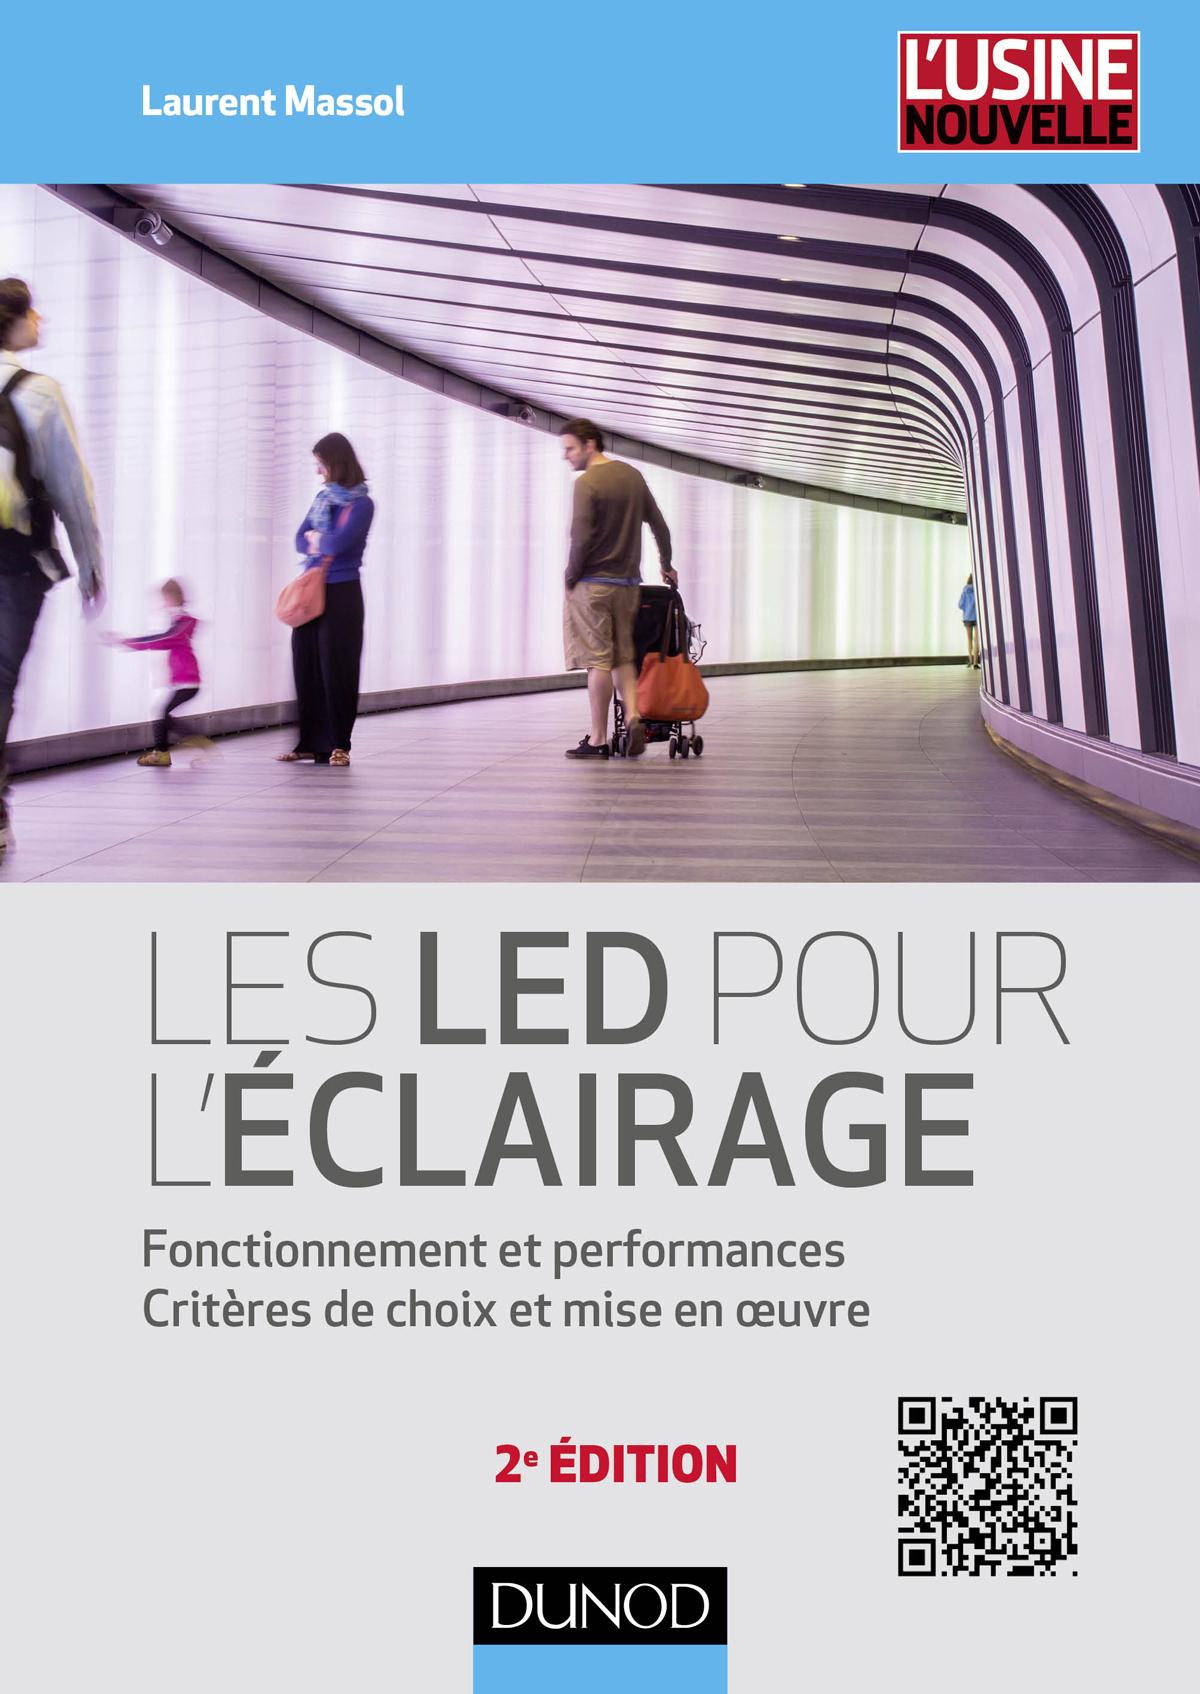 Deuxième édition du livre technique de Laurent Massol aux éditions Dunod. Un livre de référence pour mieux comprendre le monde de la LED en éclairage.